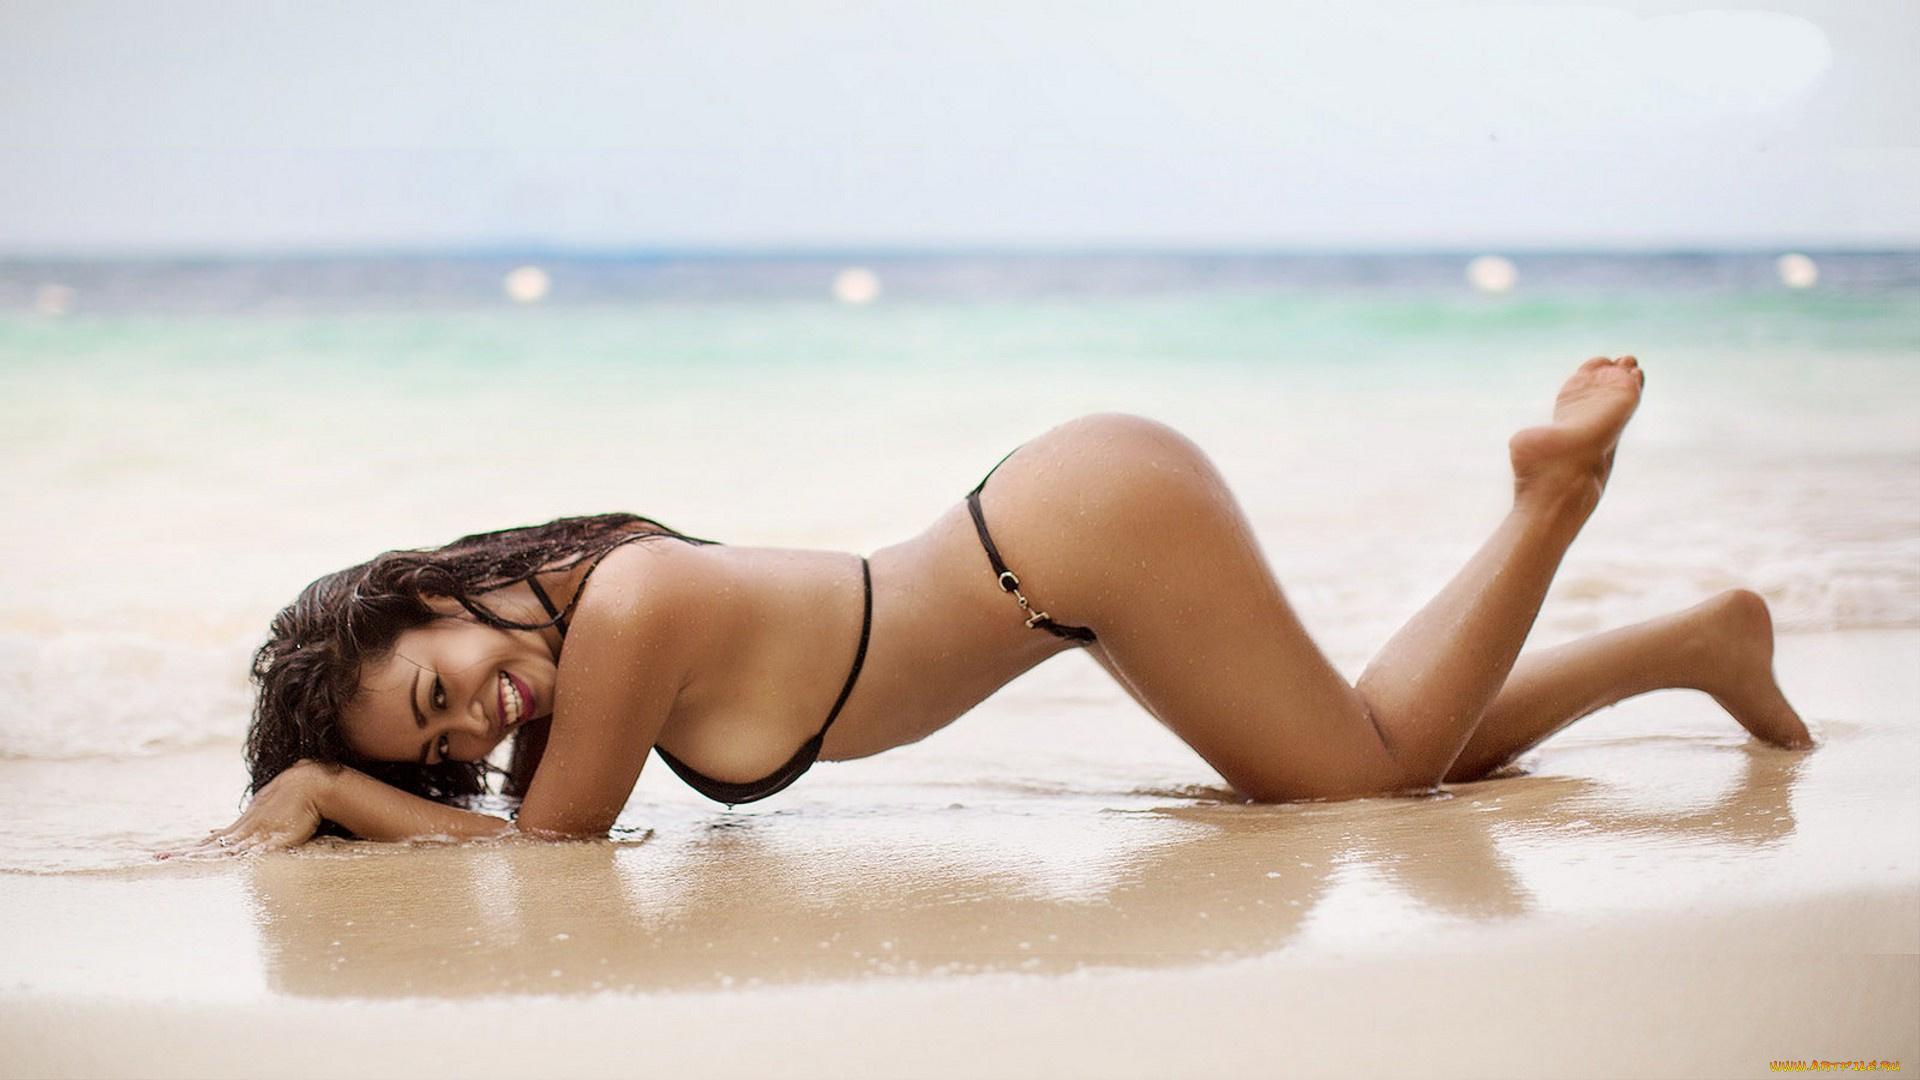 Фото девушка брюнетка на пляже в красивом купальнике, Без купальника девушки и женщины - красивые 13 фотография